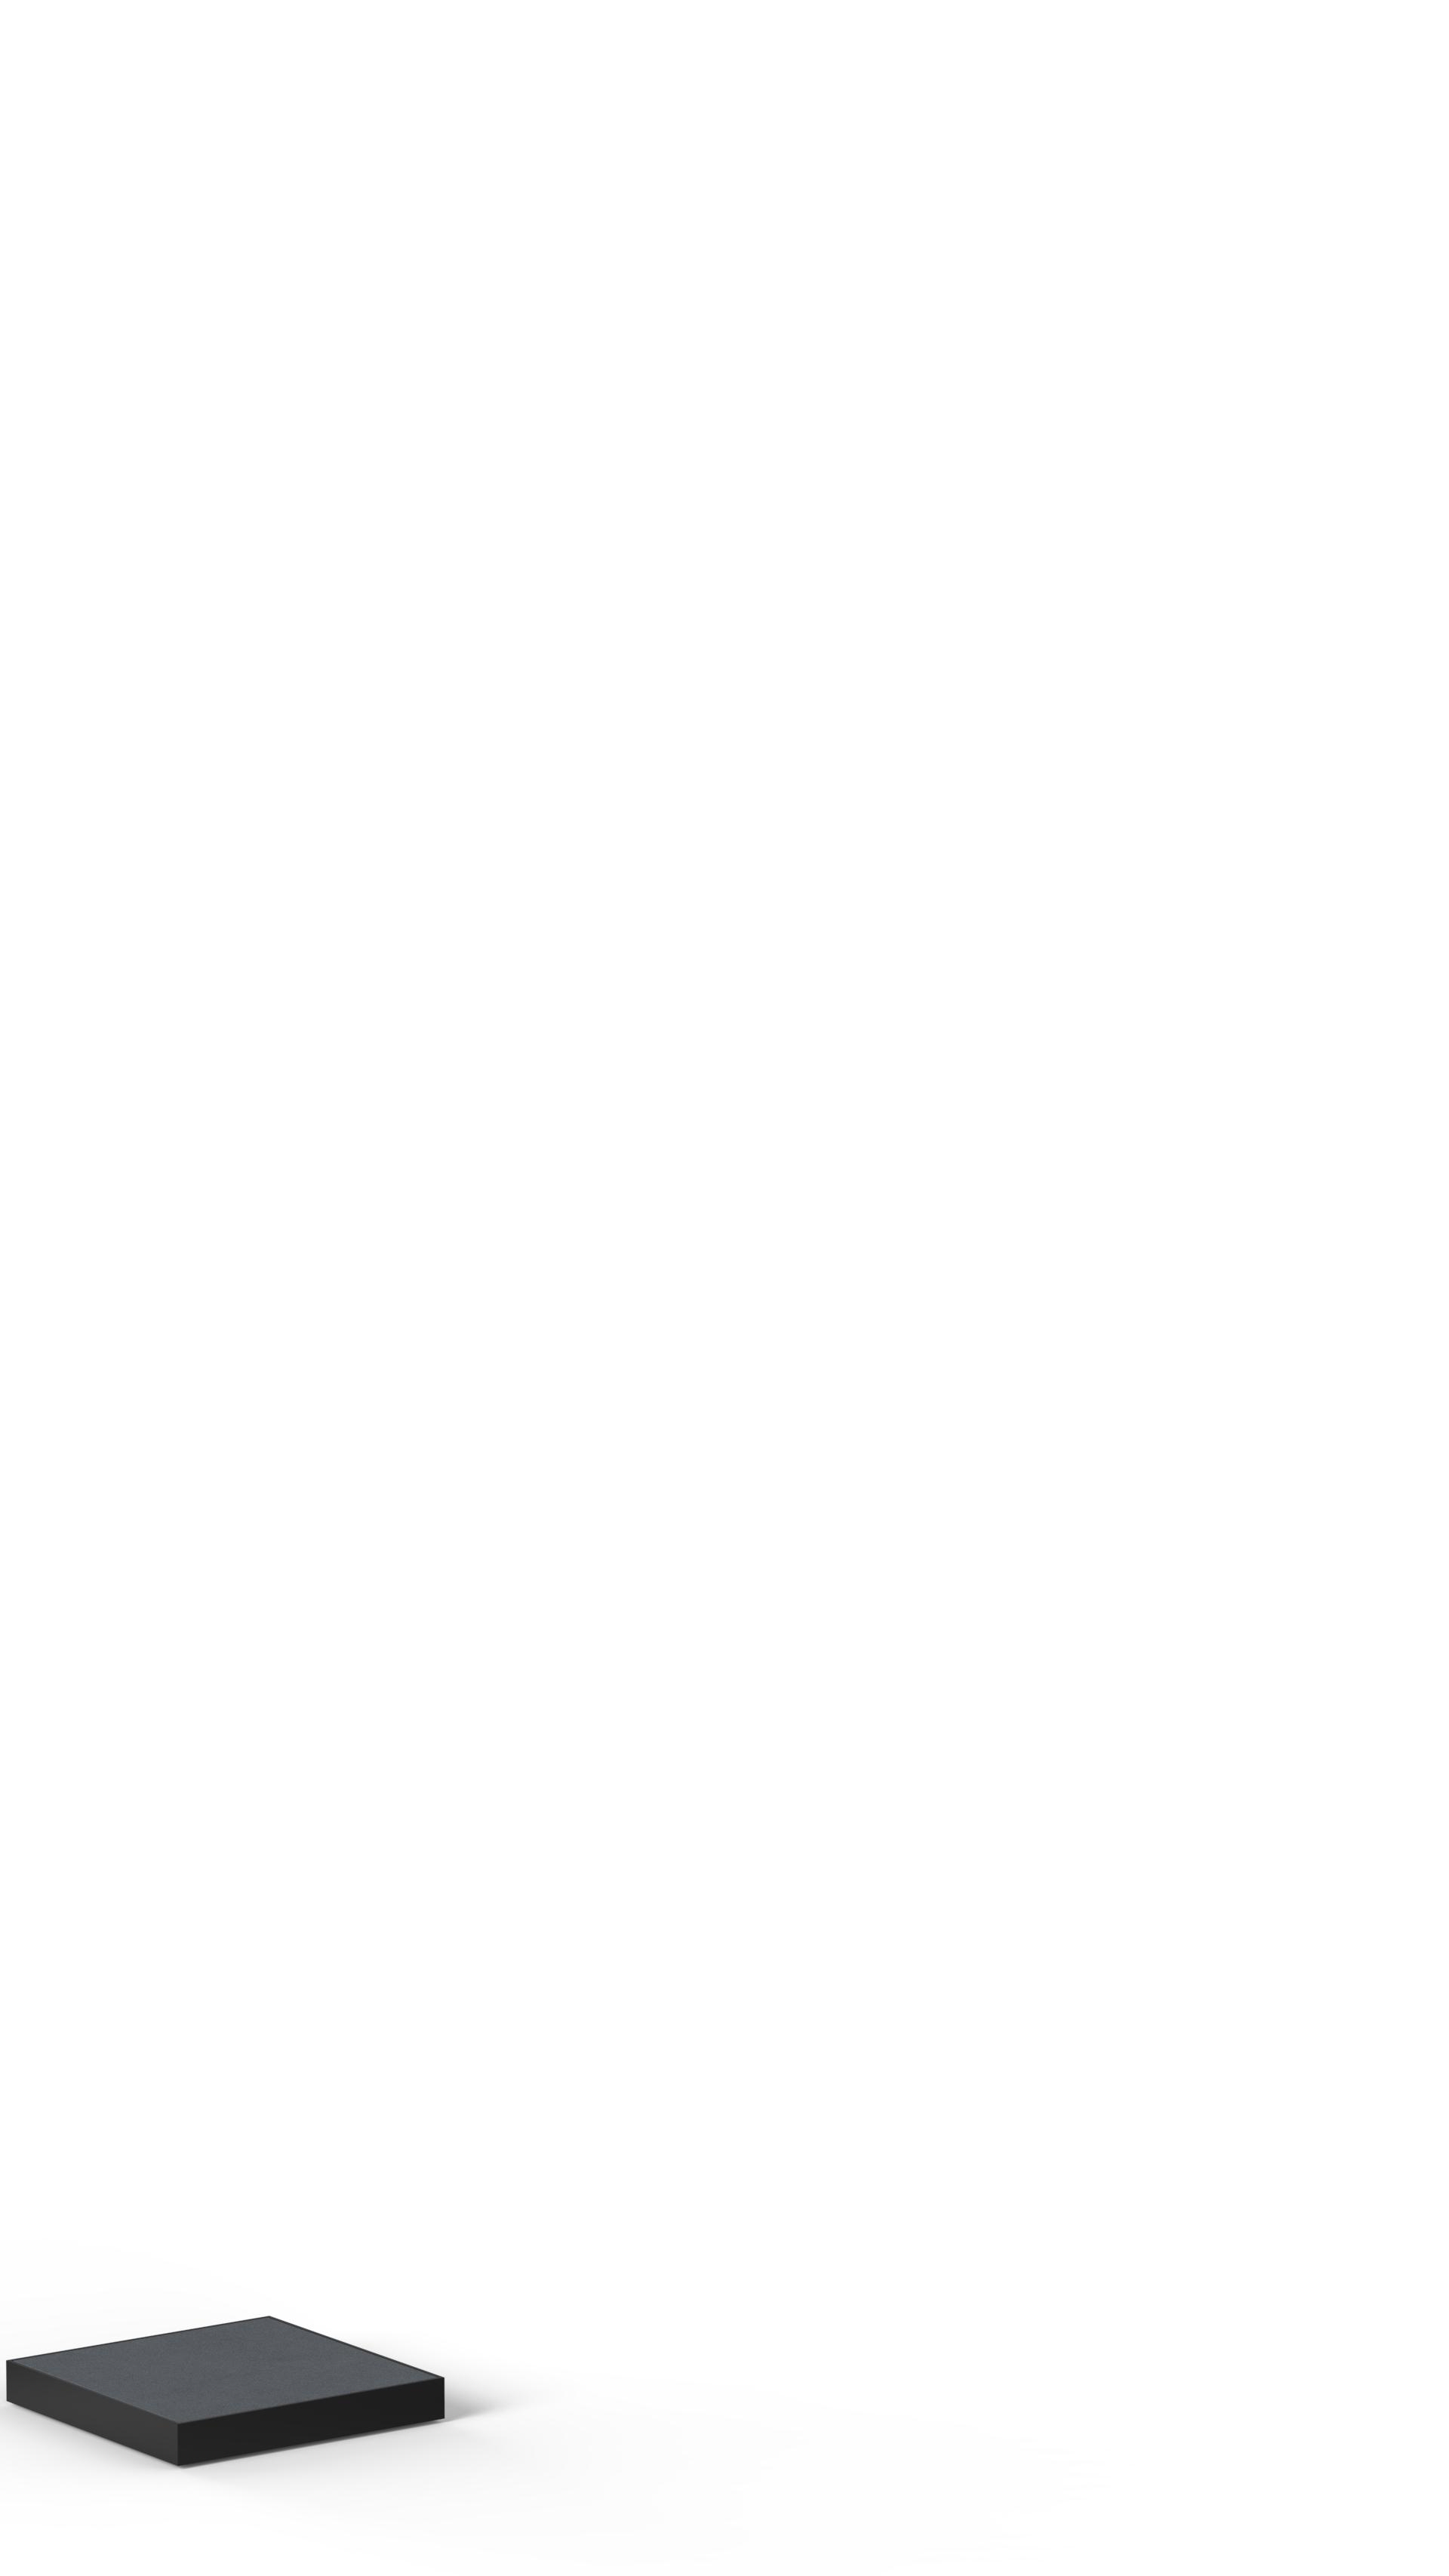 INITPLPG15x15x2x2 Présentoir plateau de présentation SAINT-HONORÉ PARIS